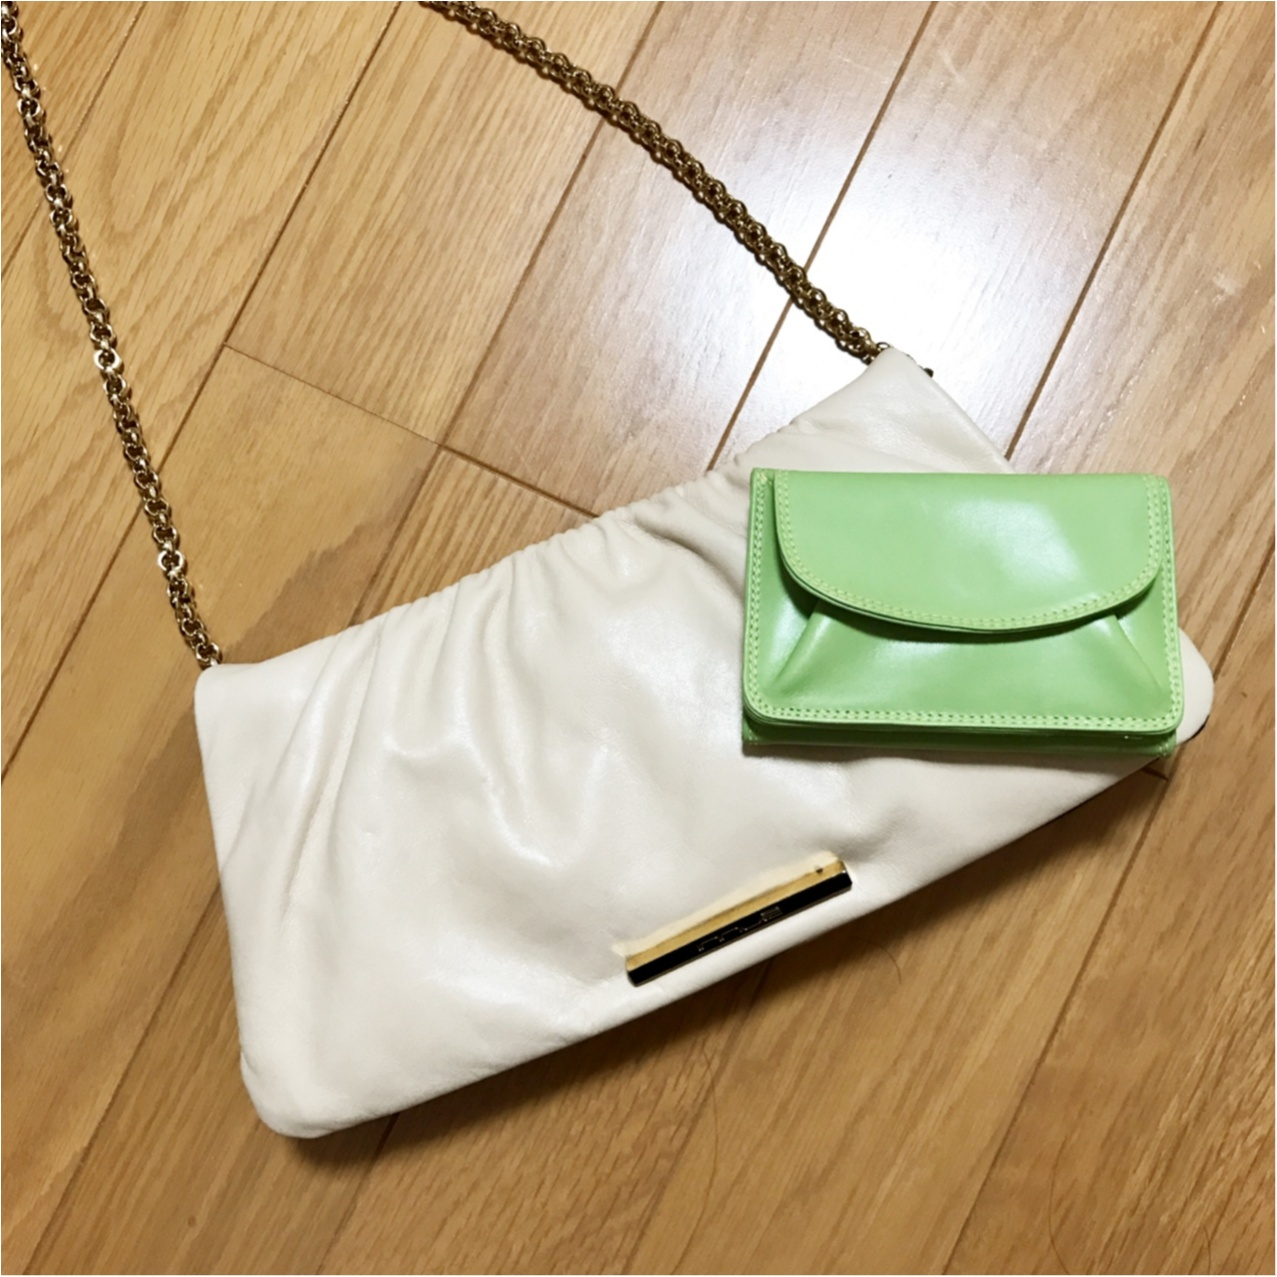 《ミニバッグの日のお供はコレ♡》和光の三つ折り財布がいちばん使いやすいっ!_4